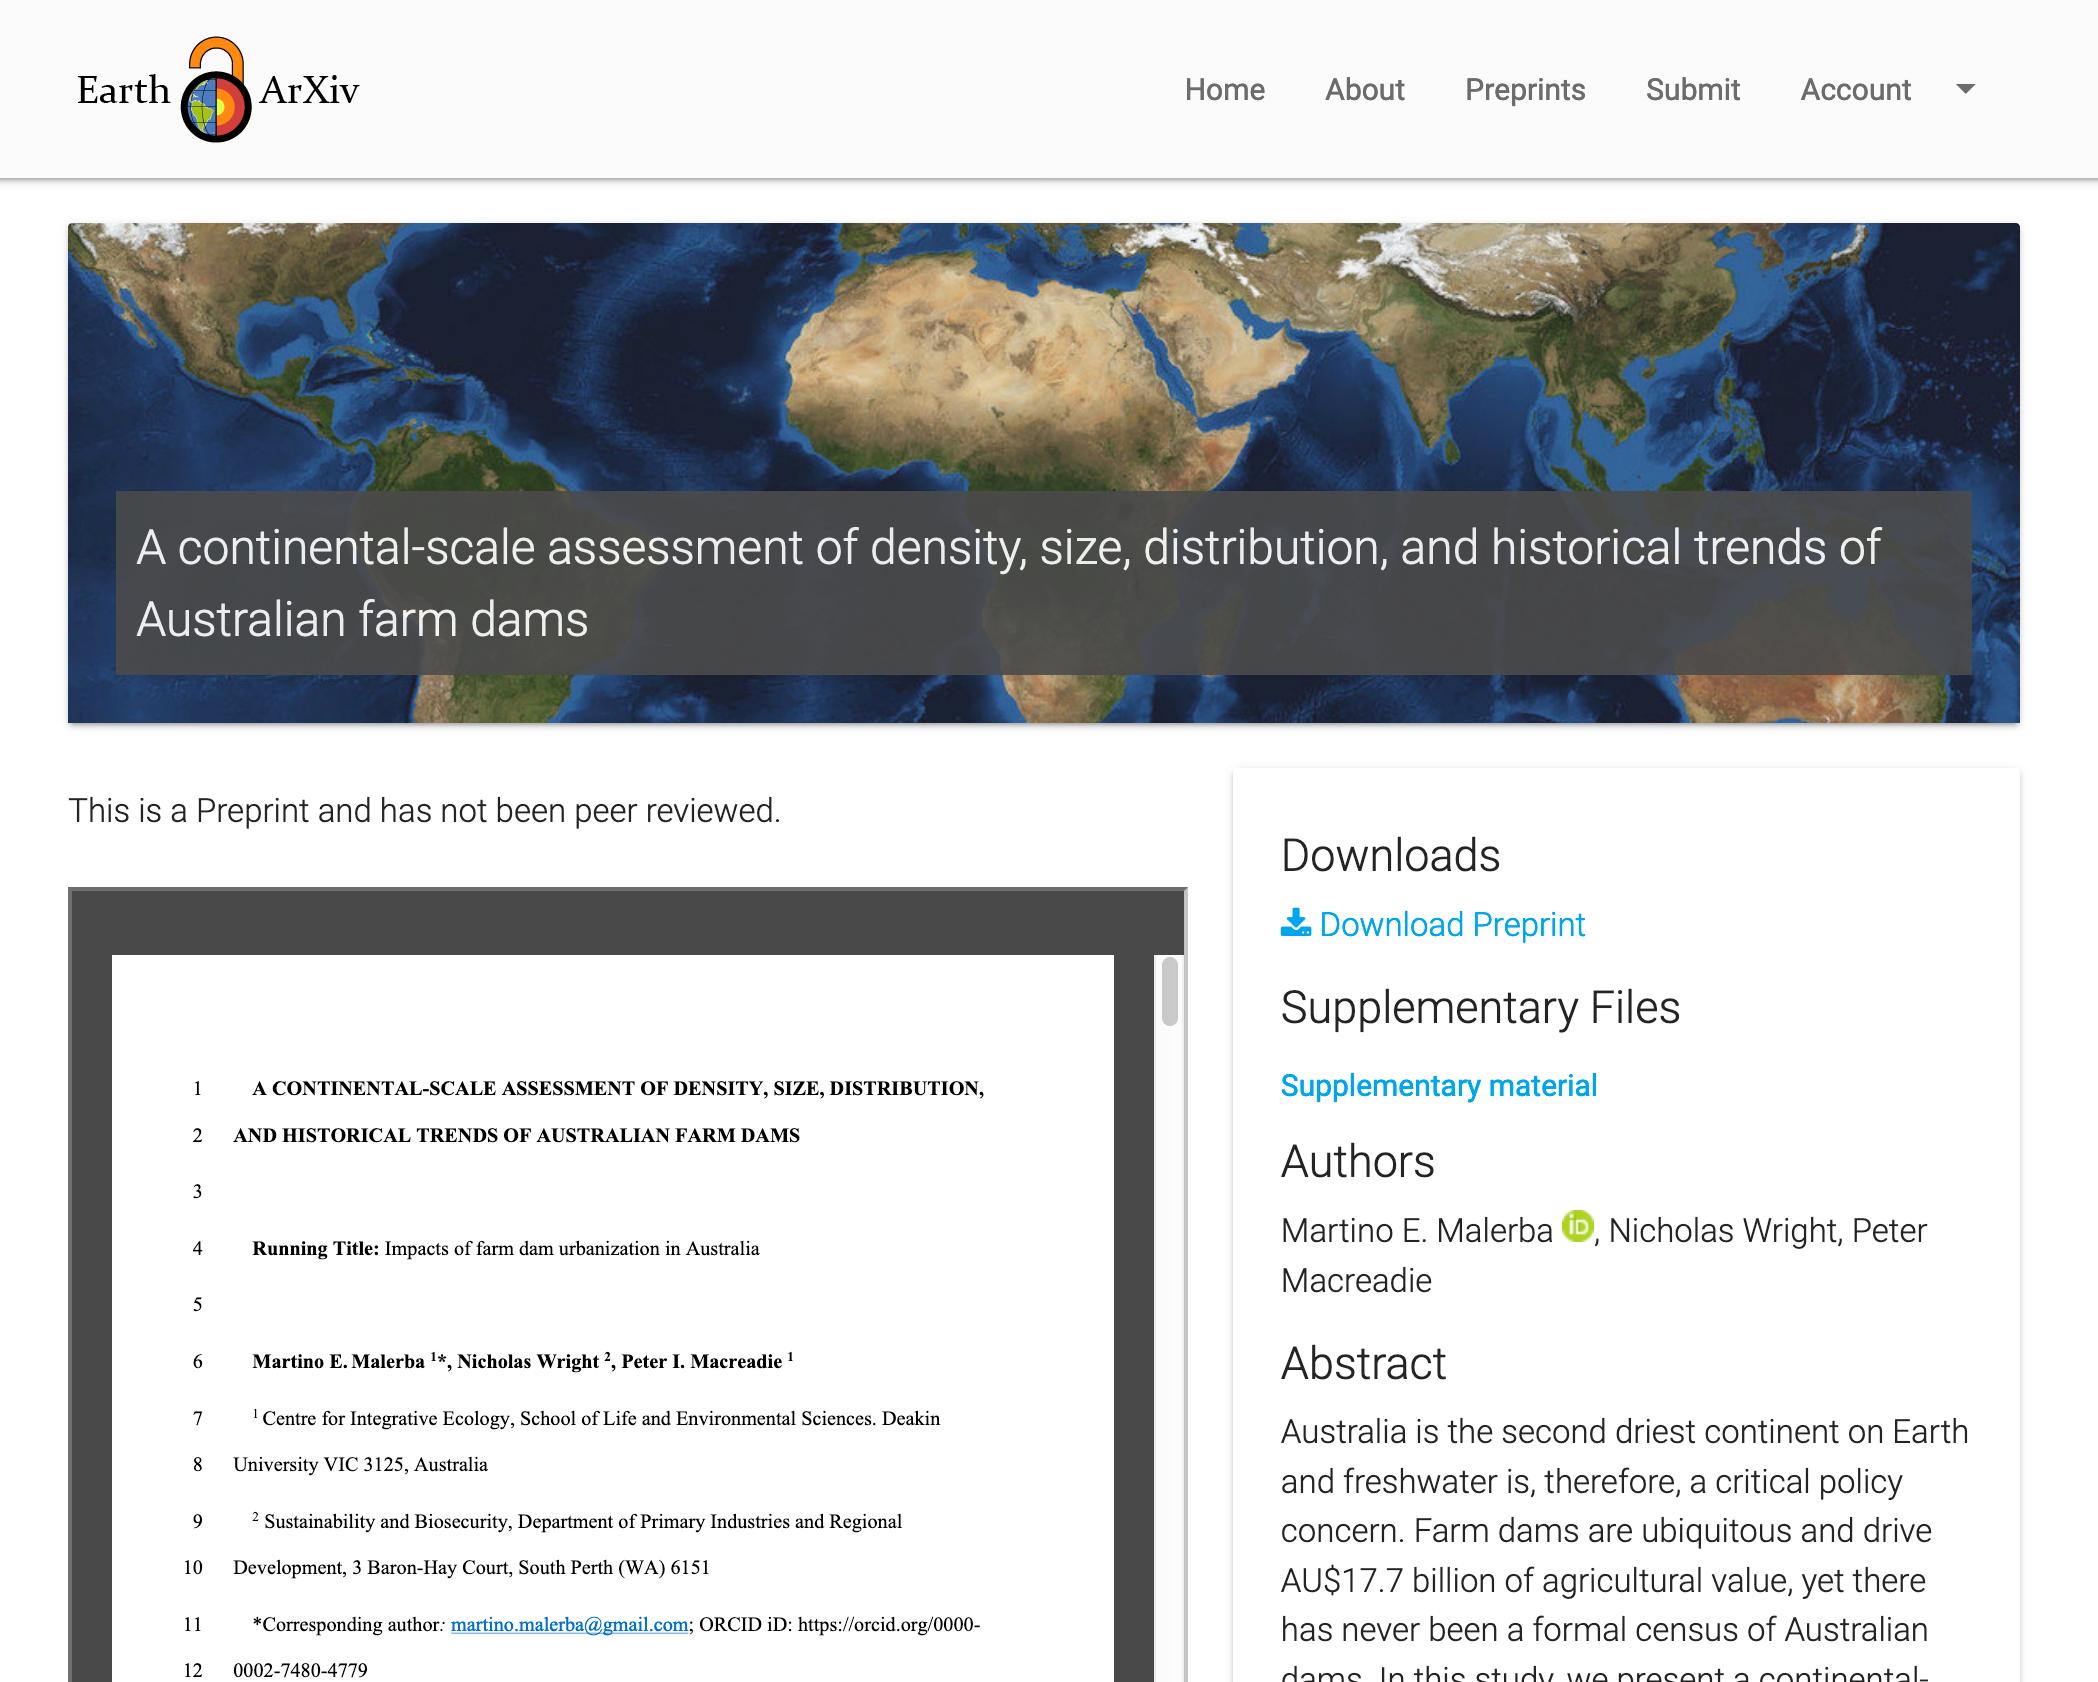 screenshot of an article on EarthArXiv